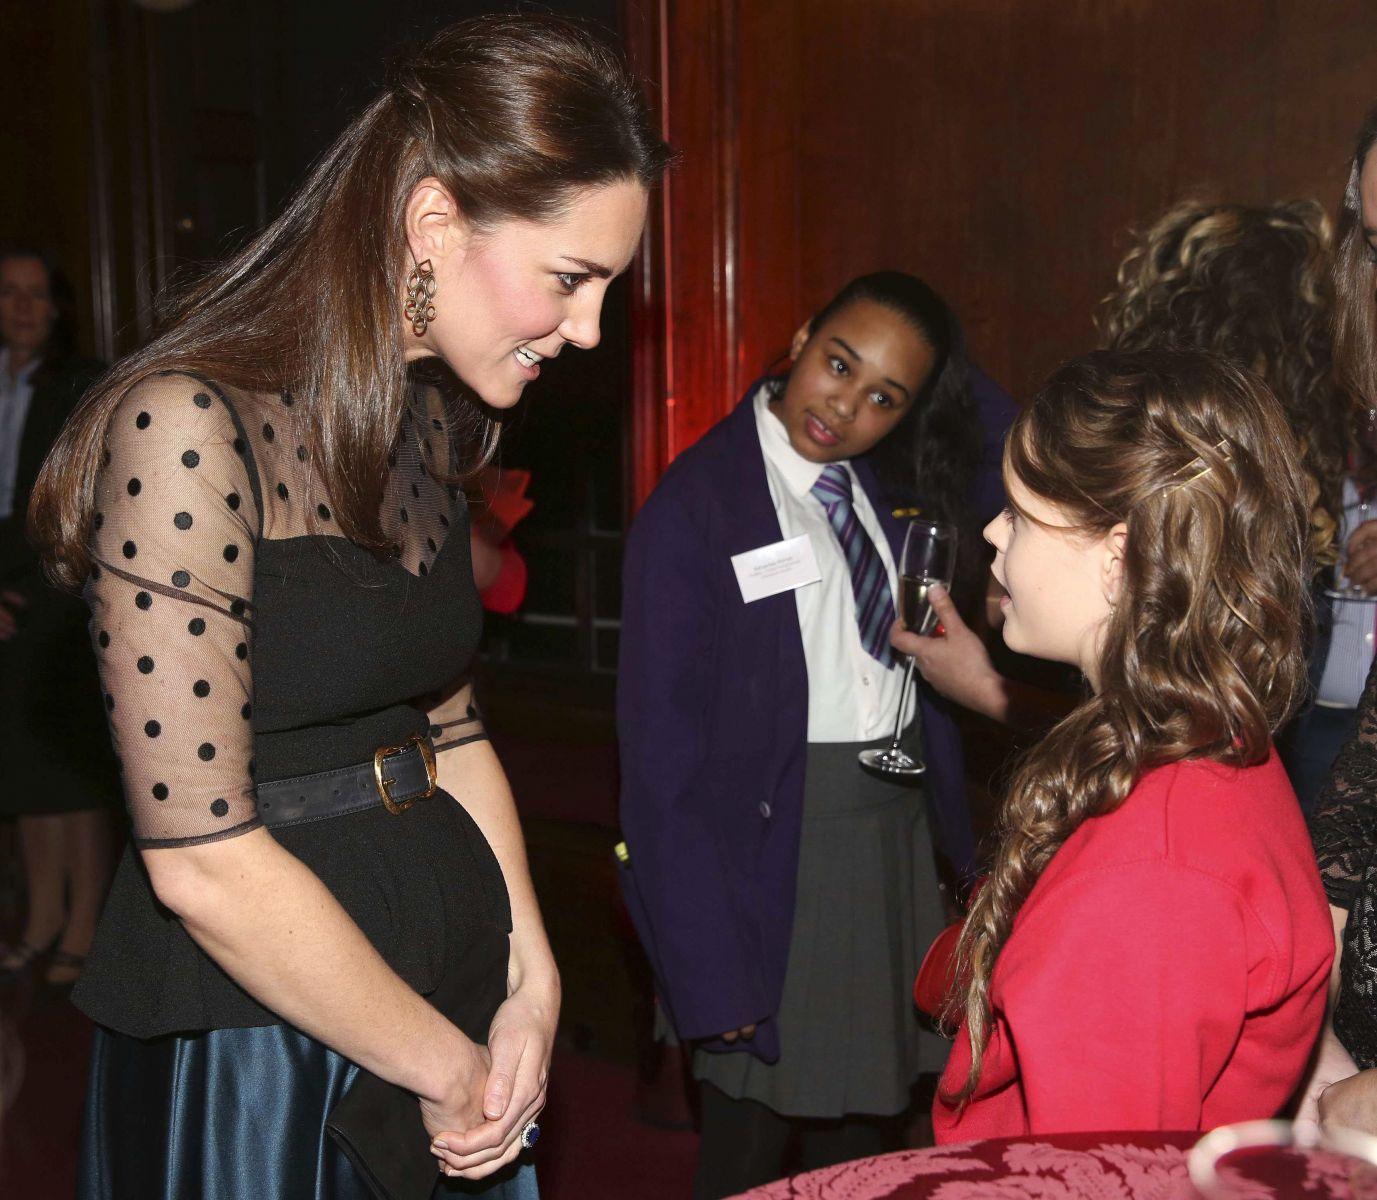 Румяная Кейт Миддлтон посещает светские мероприятия